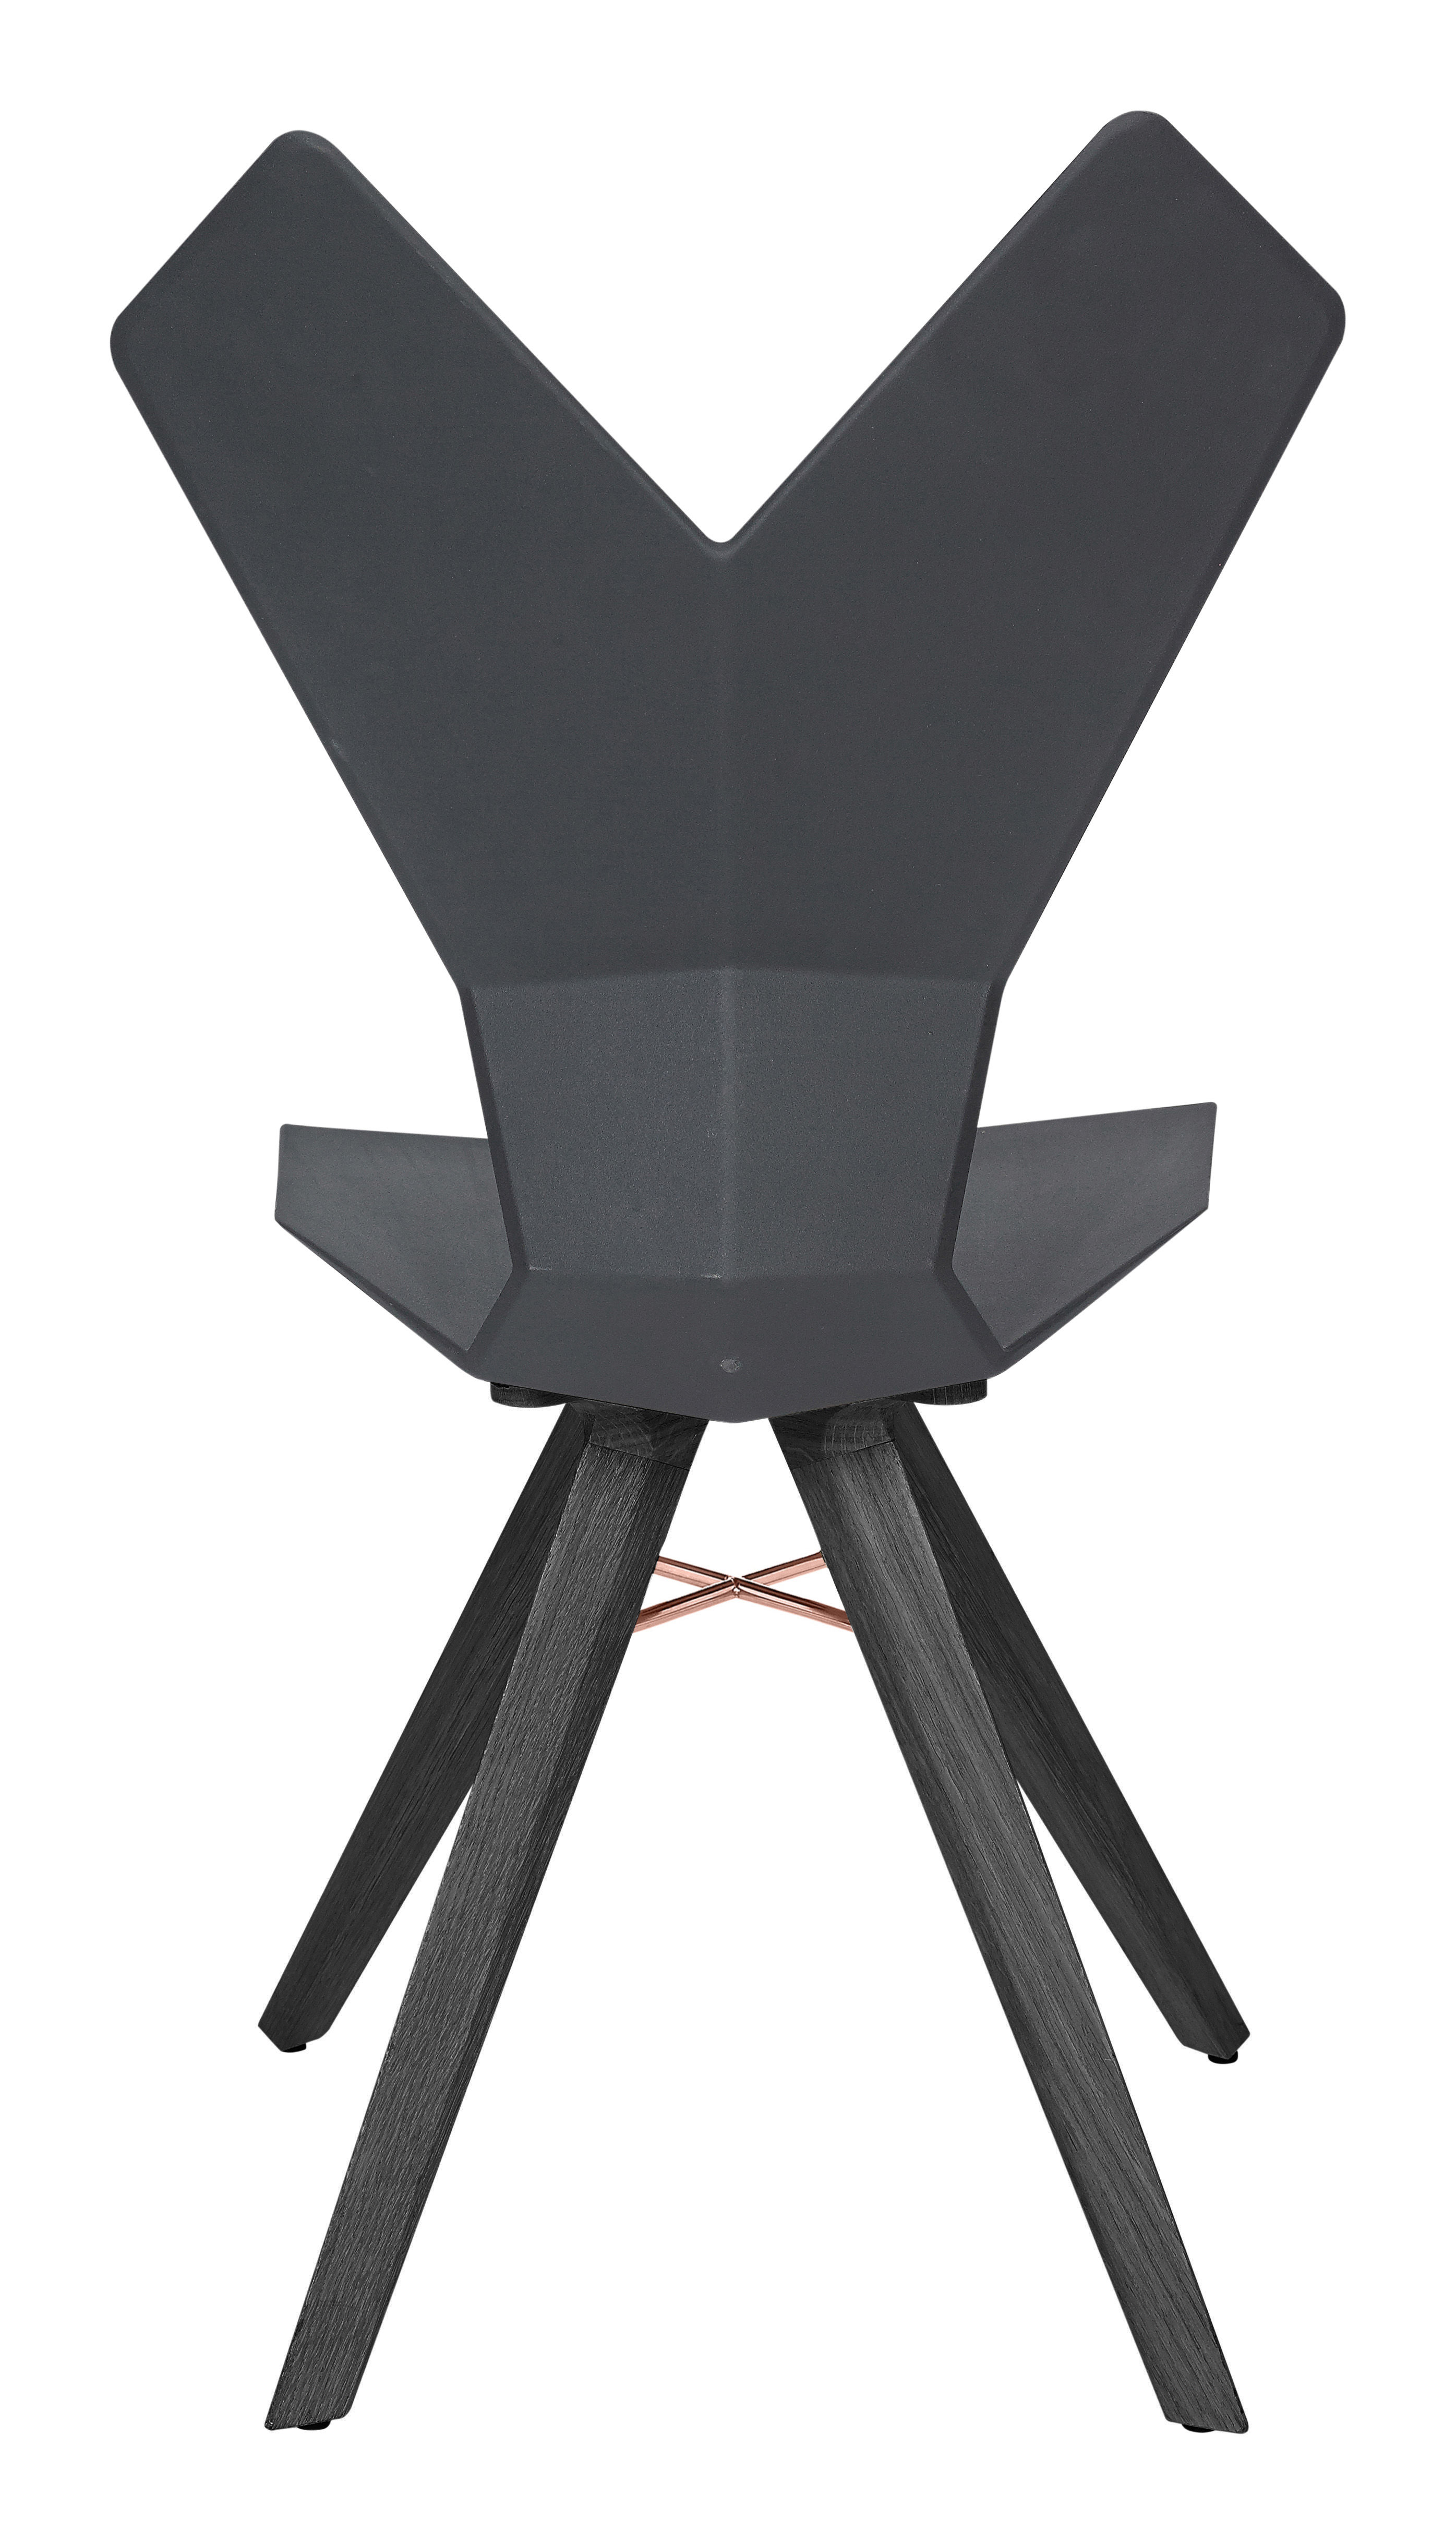 chaise y assise plastique pieds bois coque noire pi tement bois teint noir tom dixon. Black Bedroom Furniture Sets. Home Design Ideas